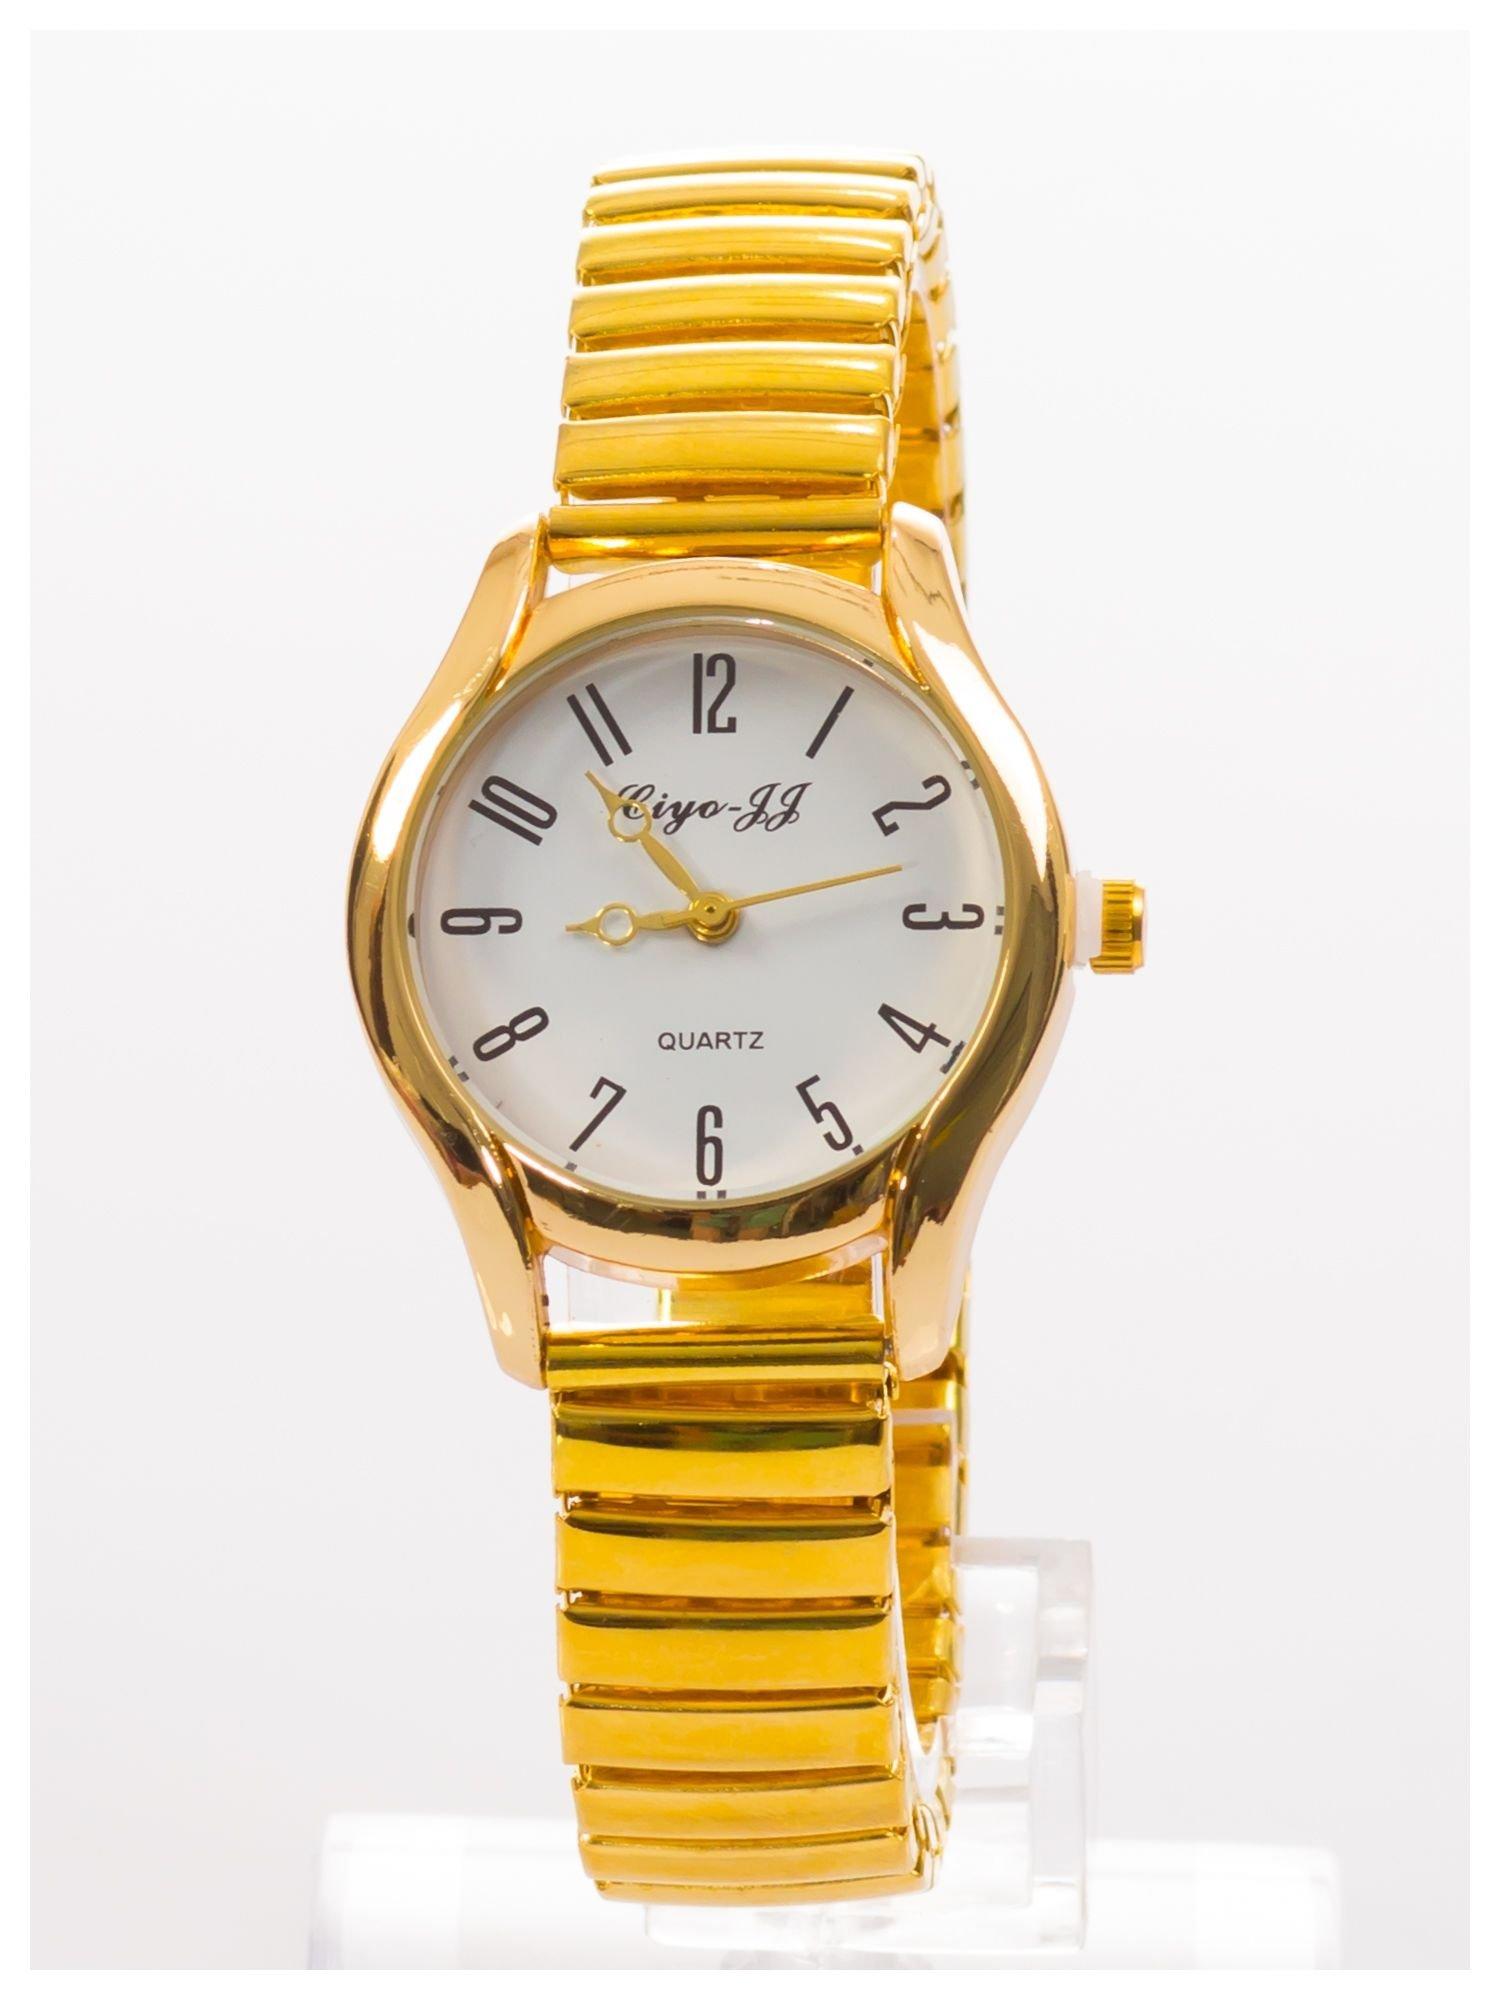 Delikatny damski zegarek na elastycznej bransolecie                                  zdj.                                  1